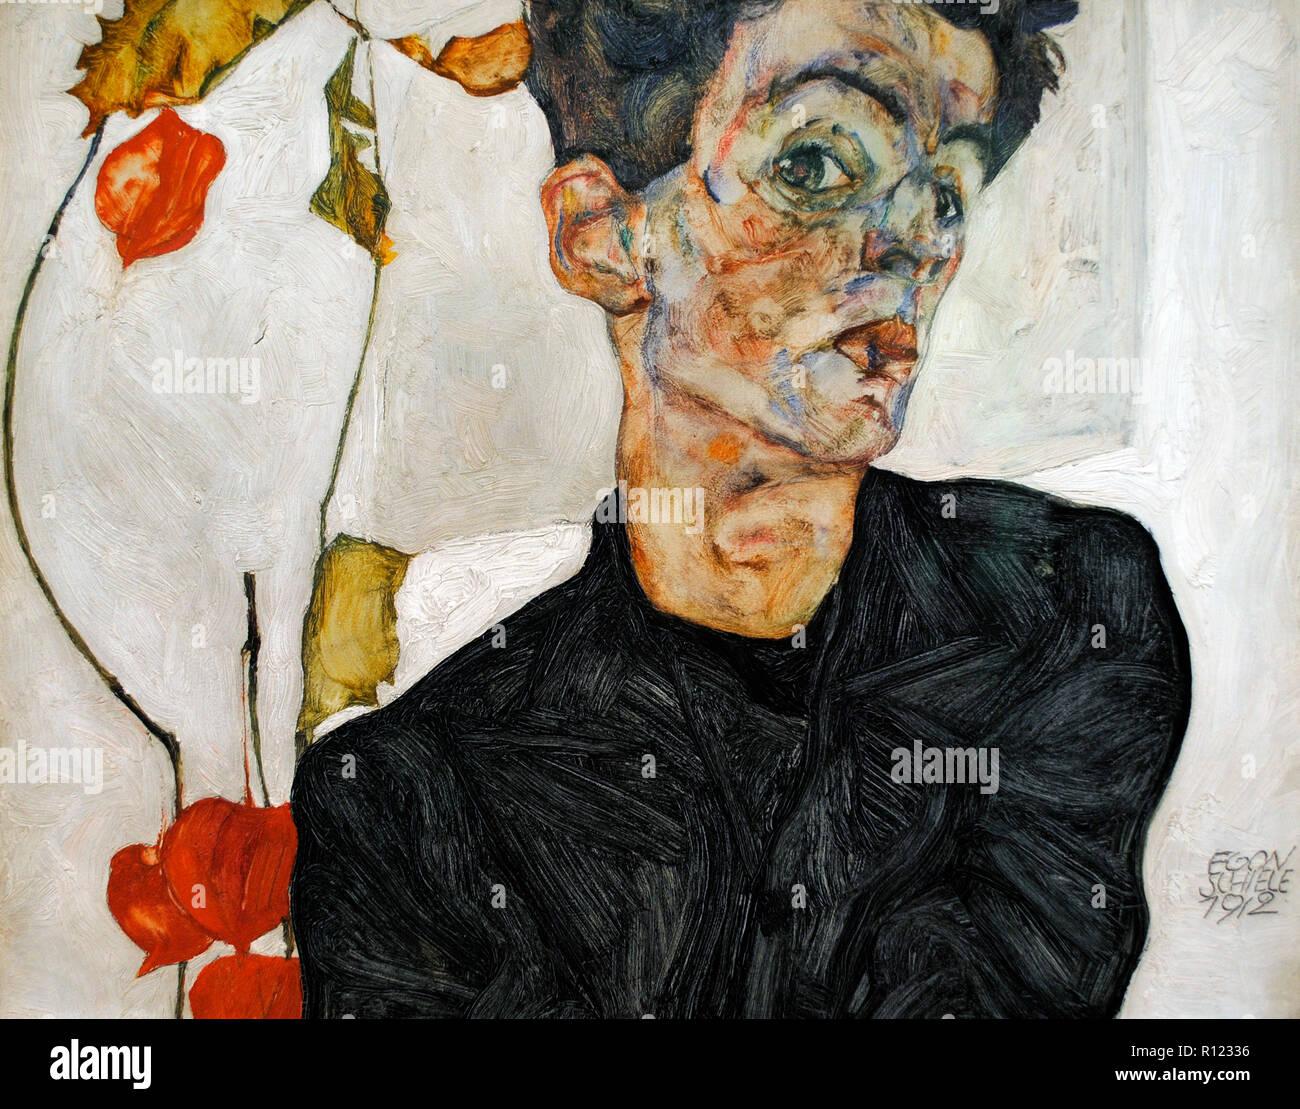 Egon Schiele (Tulln, 1890-Vienna, 1918). Austriaco pittore espressionista. Self-portrait cinese con impianto di Lanterna, 1912. 32,4 x 40,2 cm. Olio e guazzi a bordo. Museo Leopold. Vienna, Austria. Immagini Stock